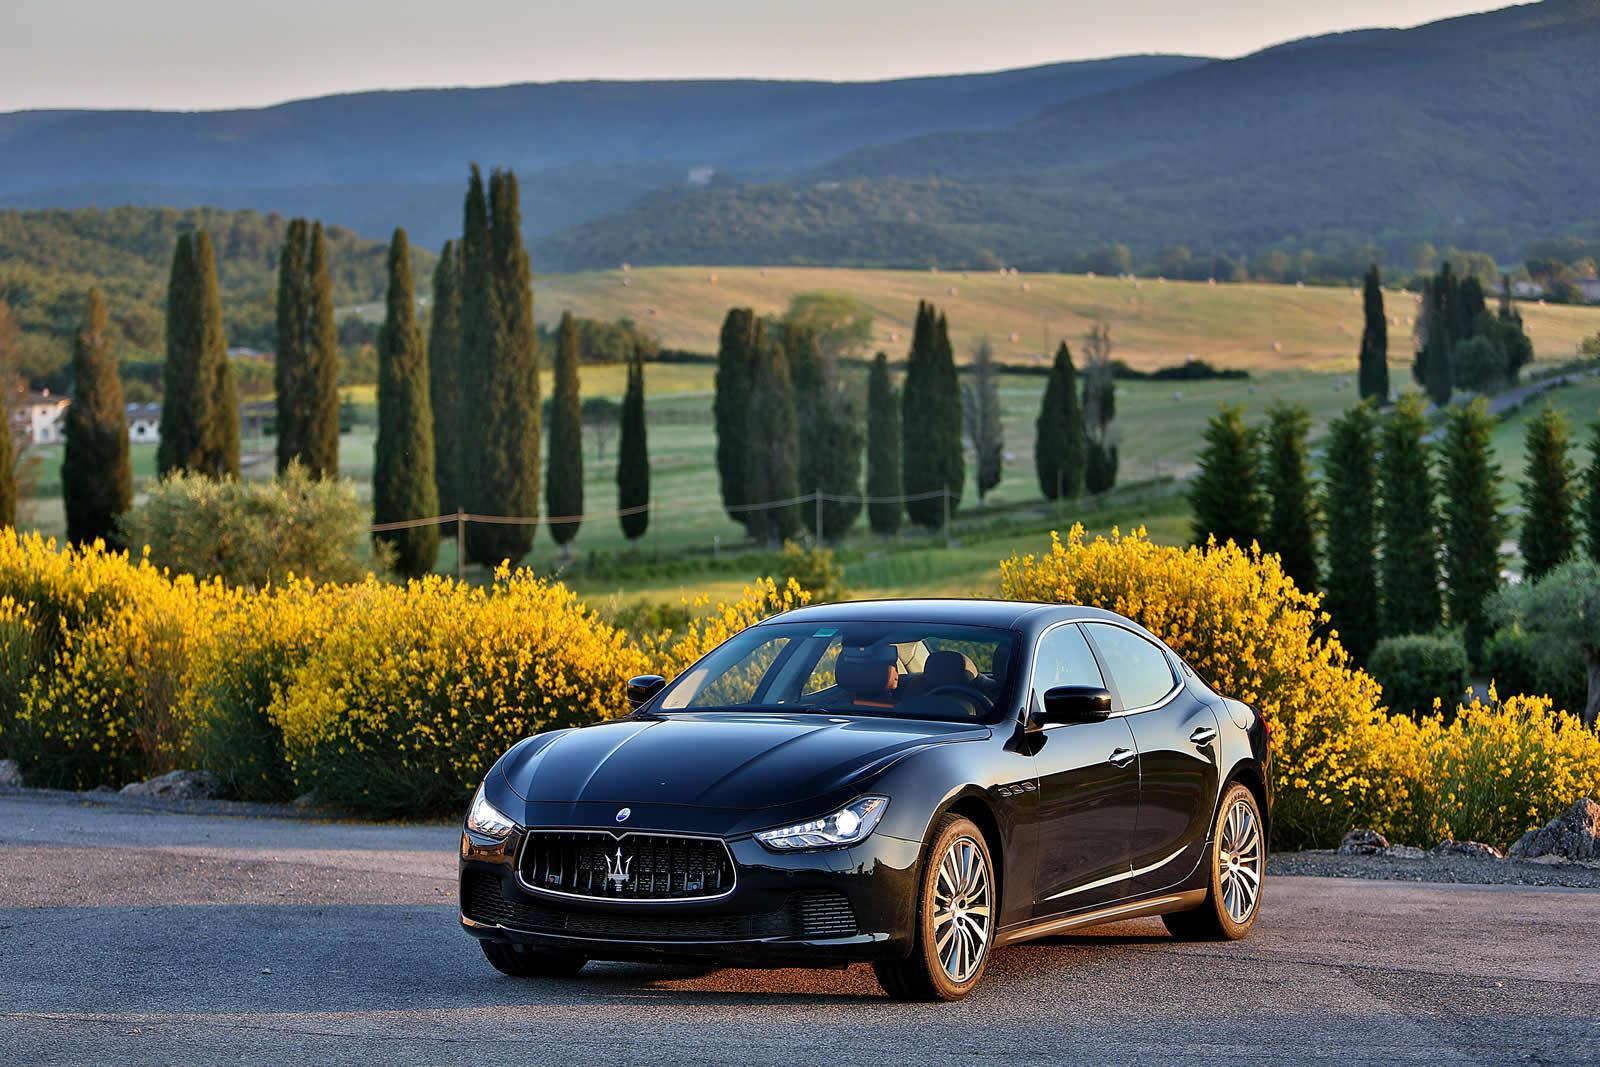 КЛАССНЫЕ ФОТО АВТО! (и не только): Maserati Ghibli (2013)